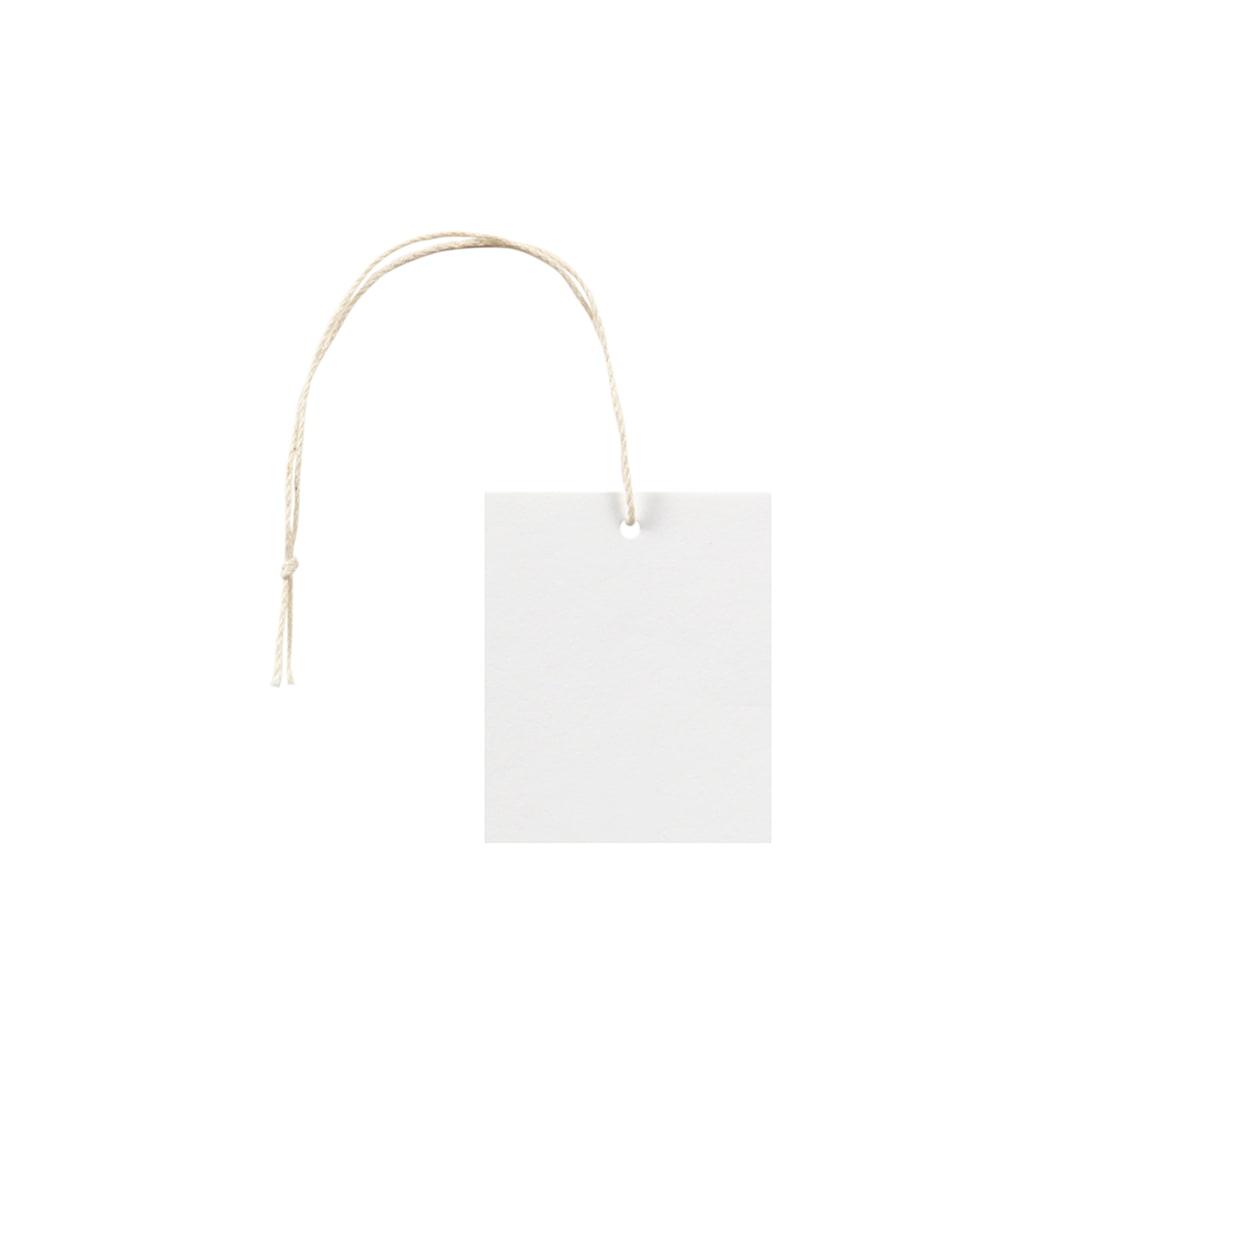 タグ45×55四角形 コットンスノーホワイト 232.8g タグ紐(細)コットン生成